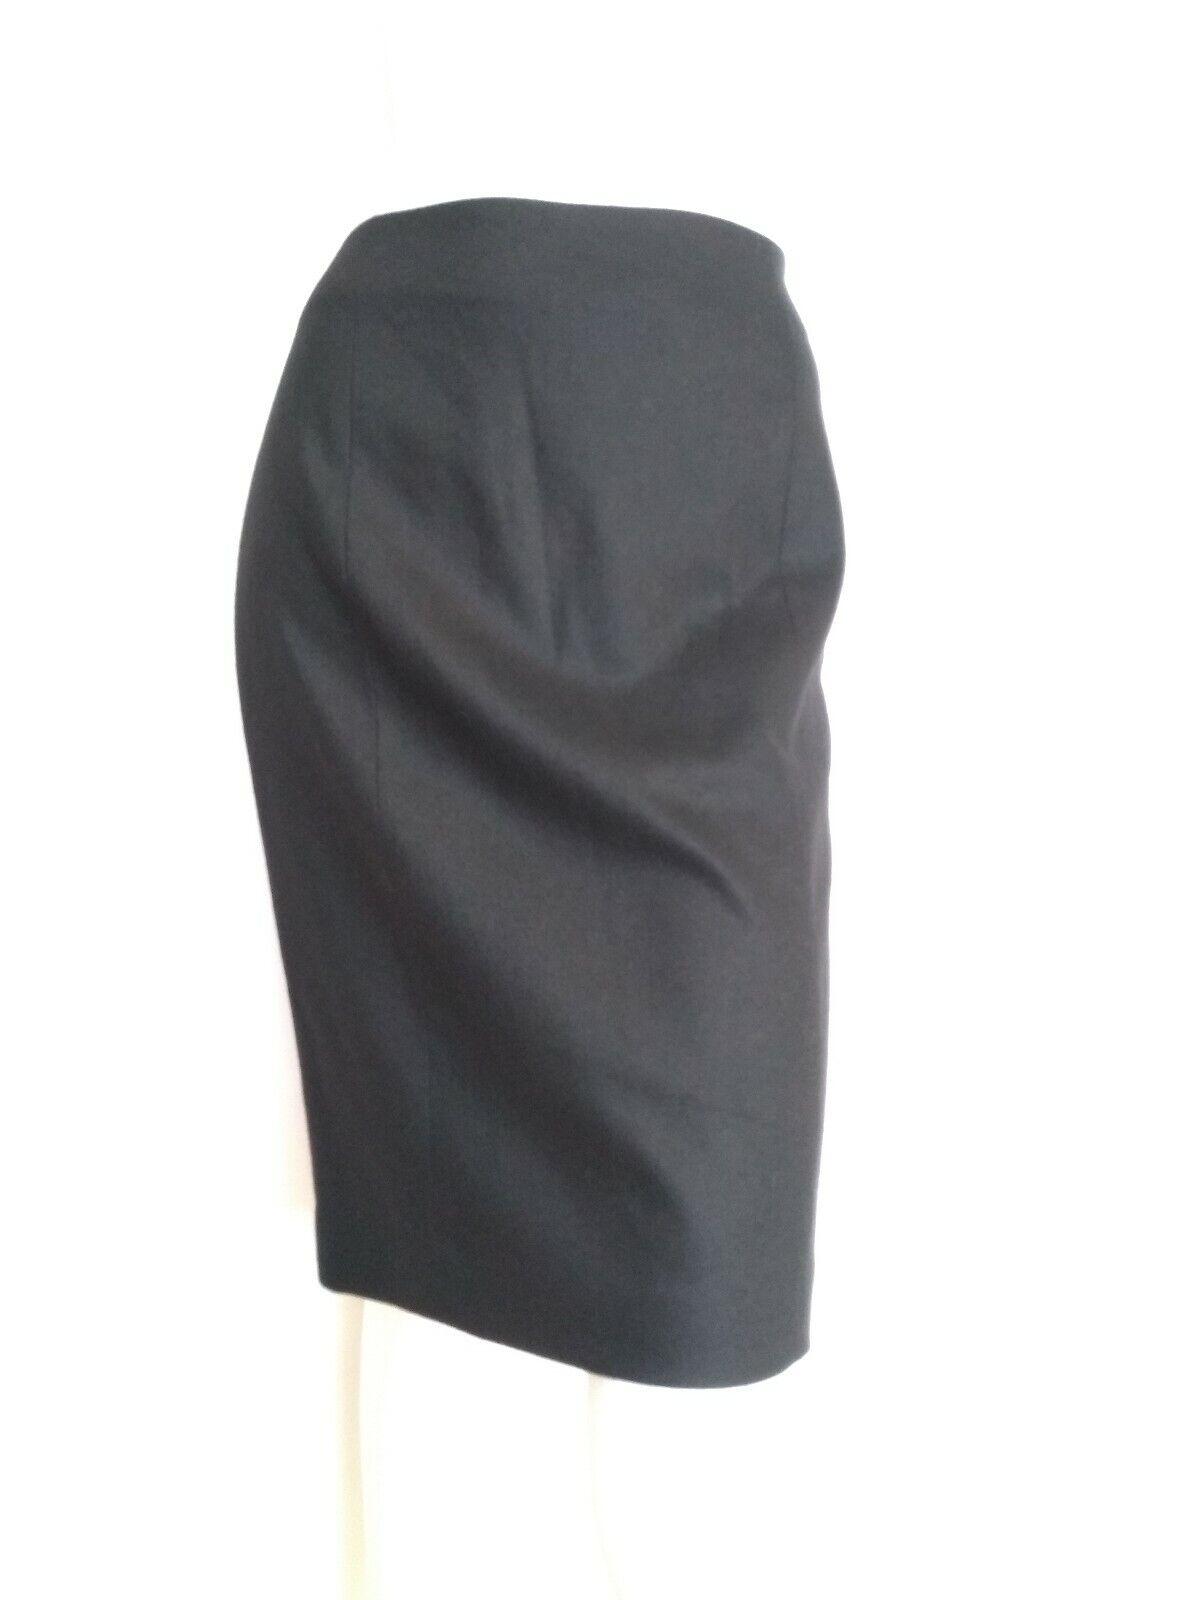 Designer JOSEPH Antonia Flanelle Jupe Taille 12 -- NEUF avec étiquettes -- Noir Longueur Genou